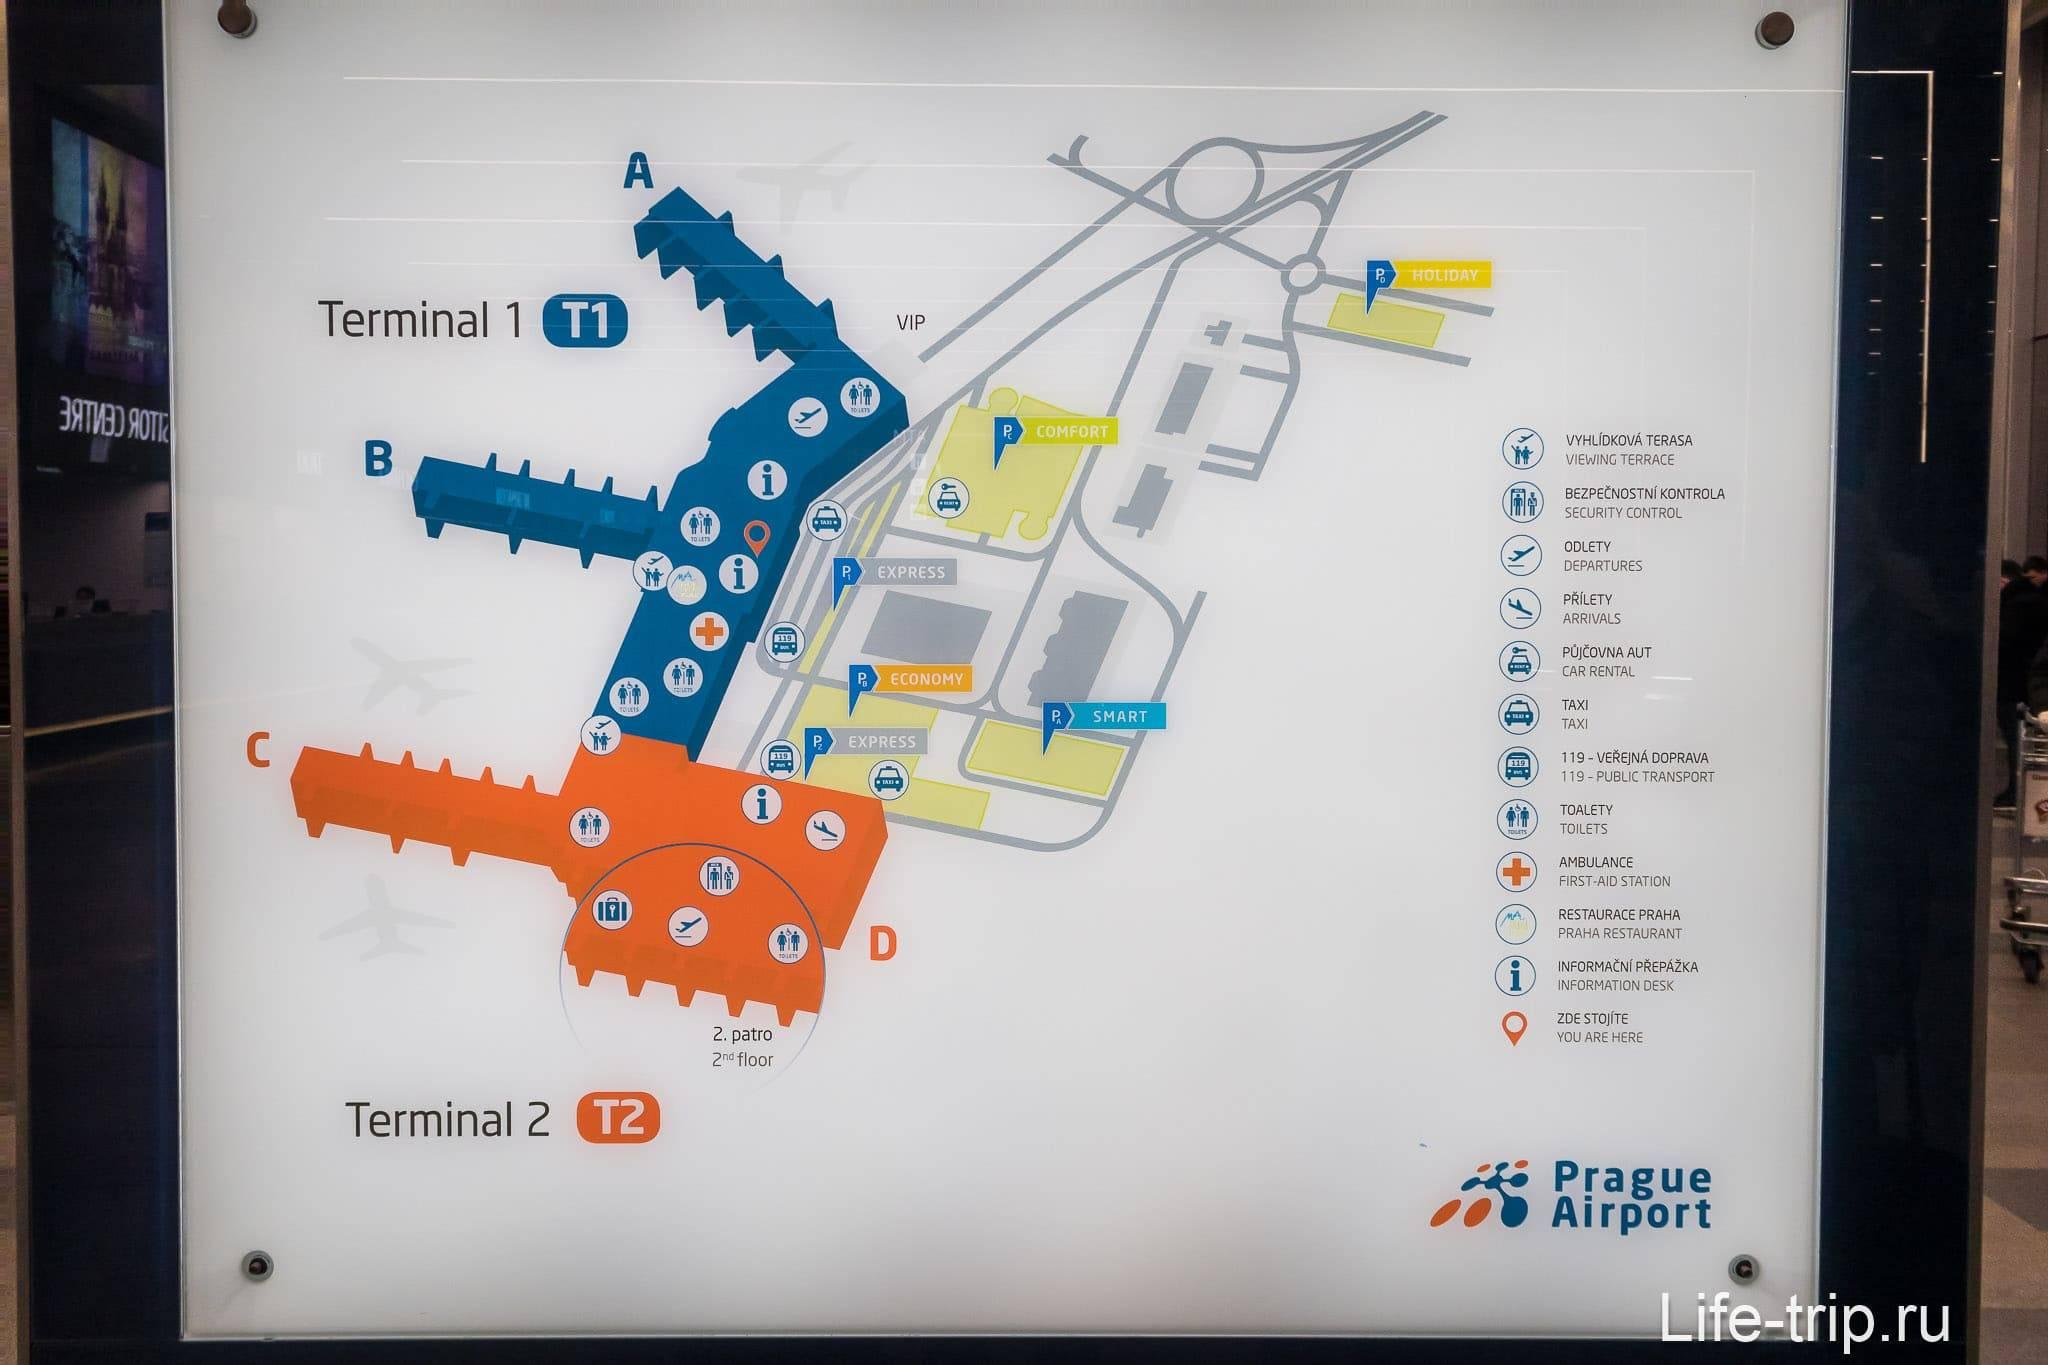 Все об аэропорте праги (prg lkpr)- онлайн табло вылета и прилета